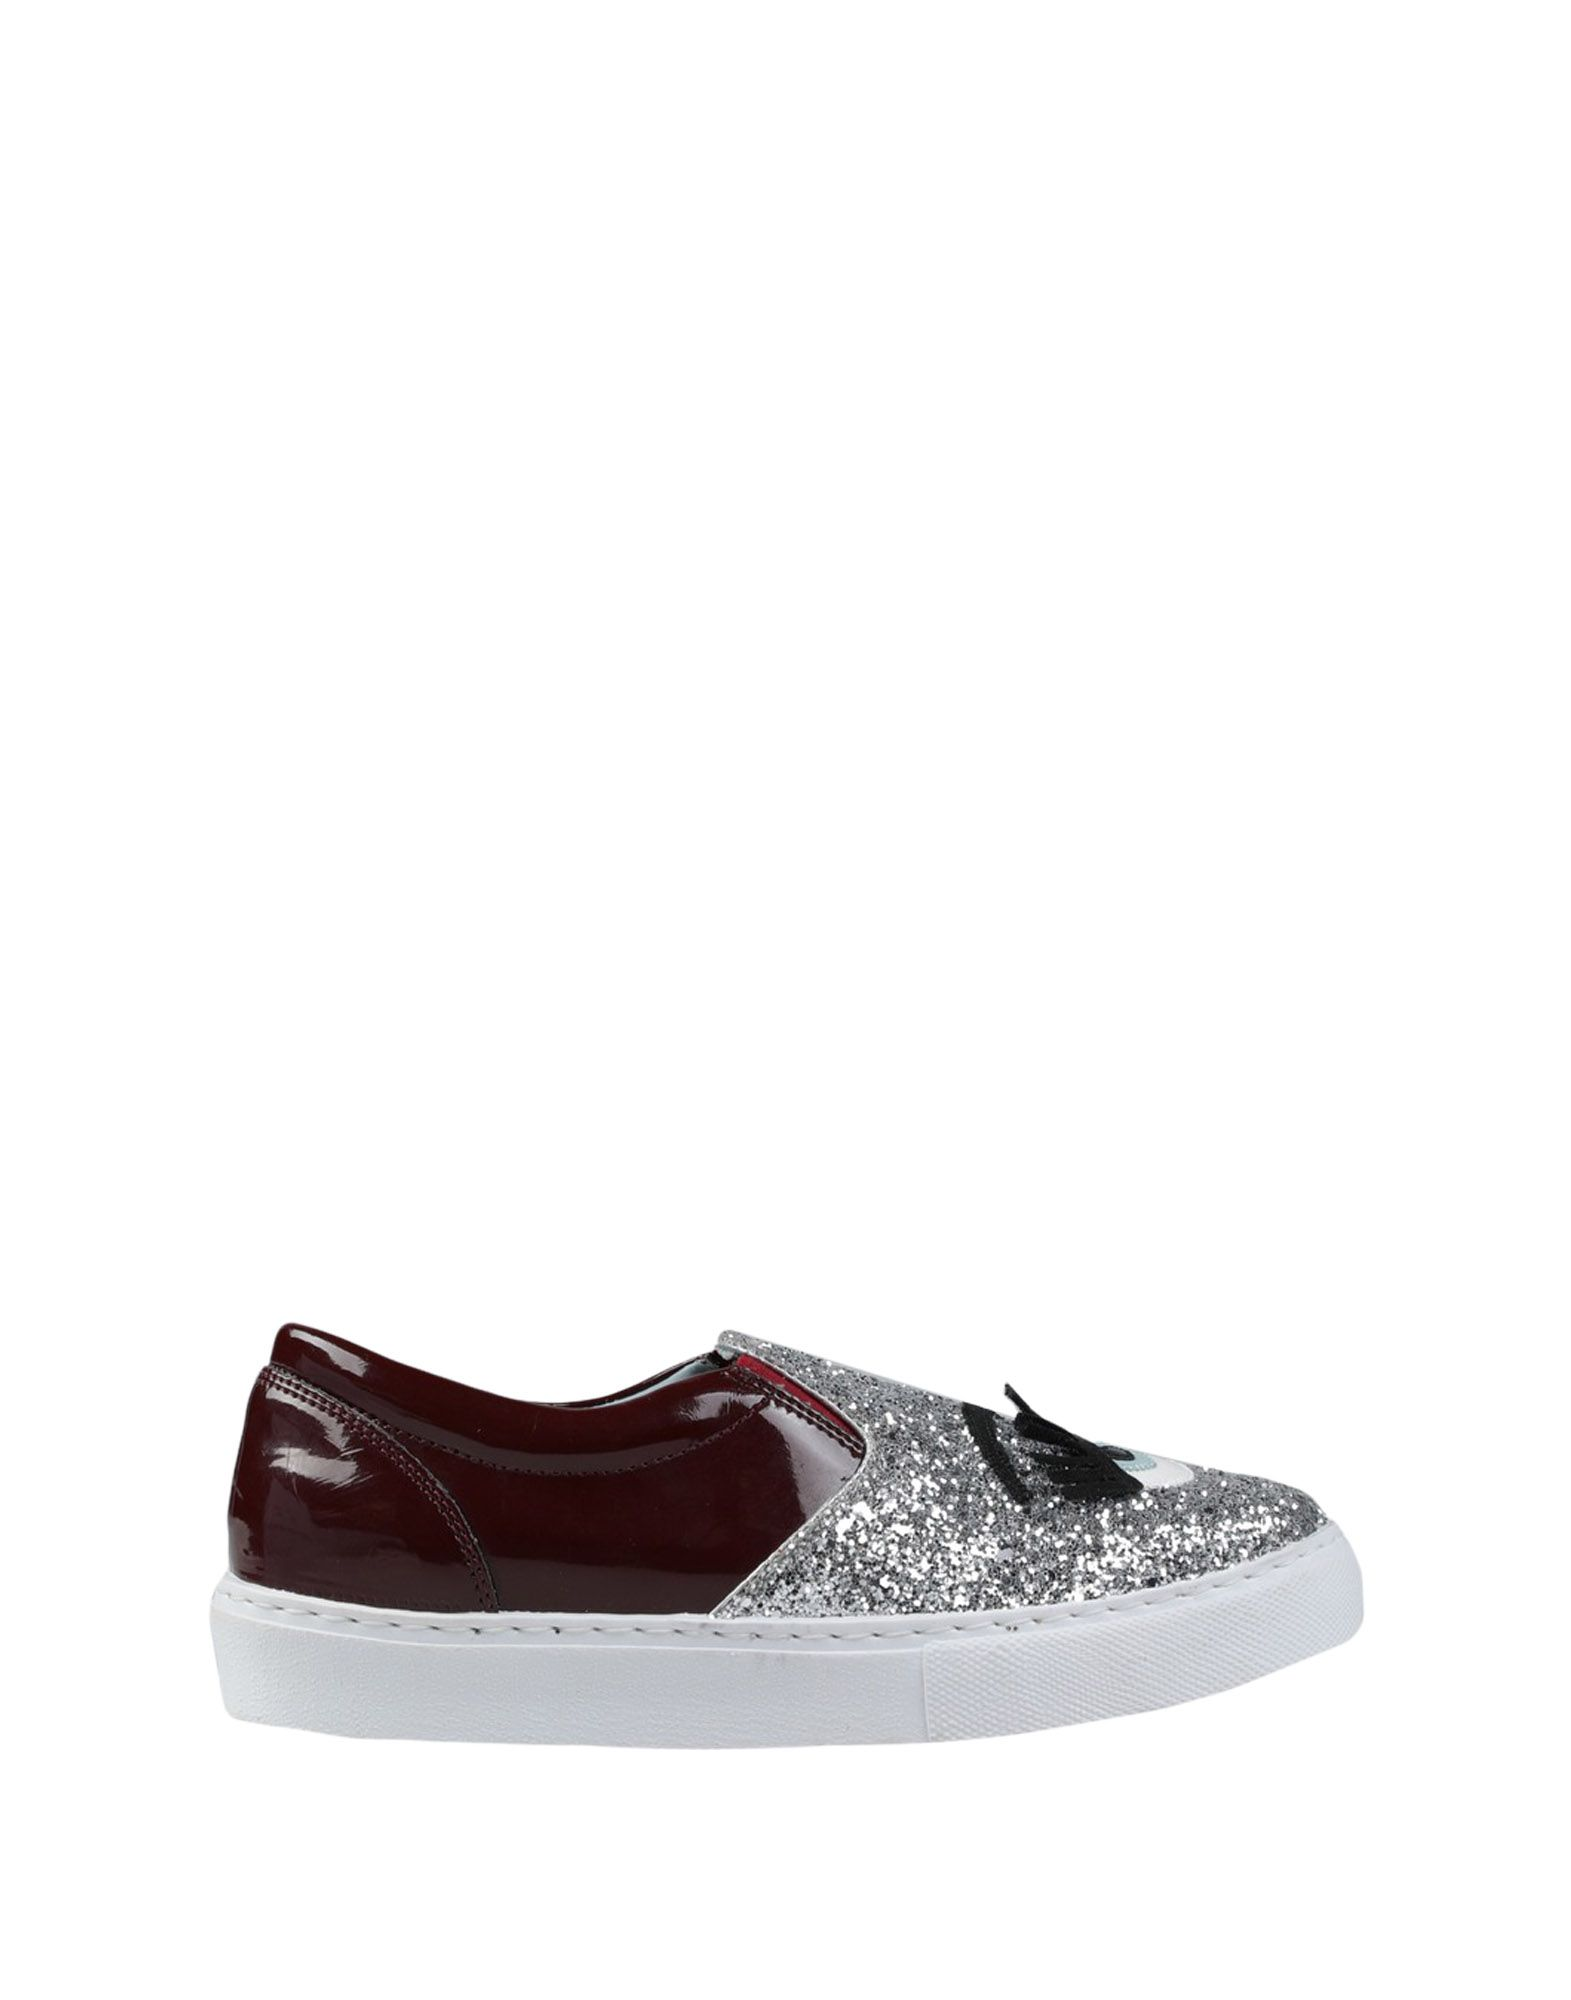 Sneakers Chiara Ferragni Donna - 11552505KT